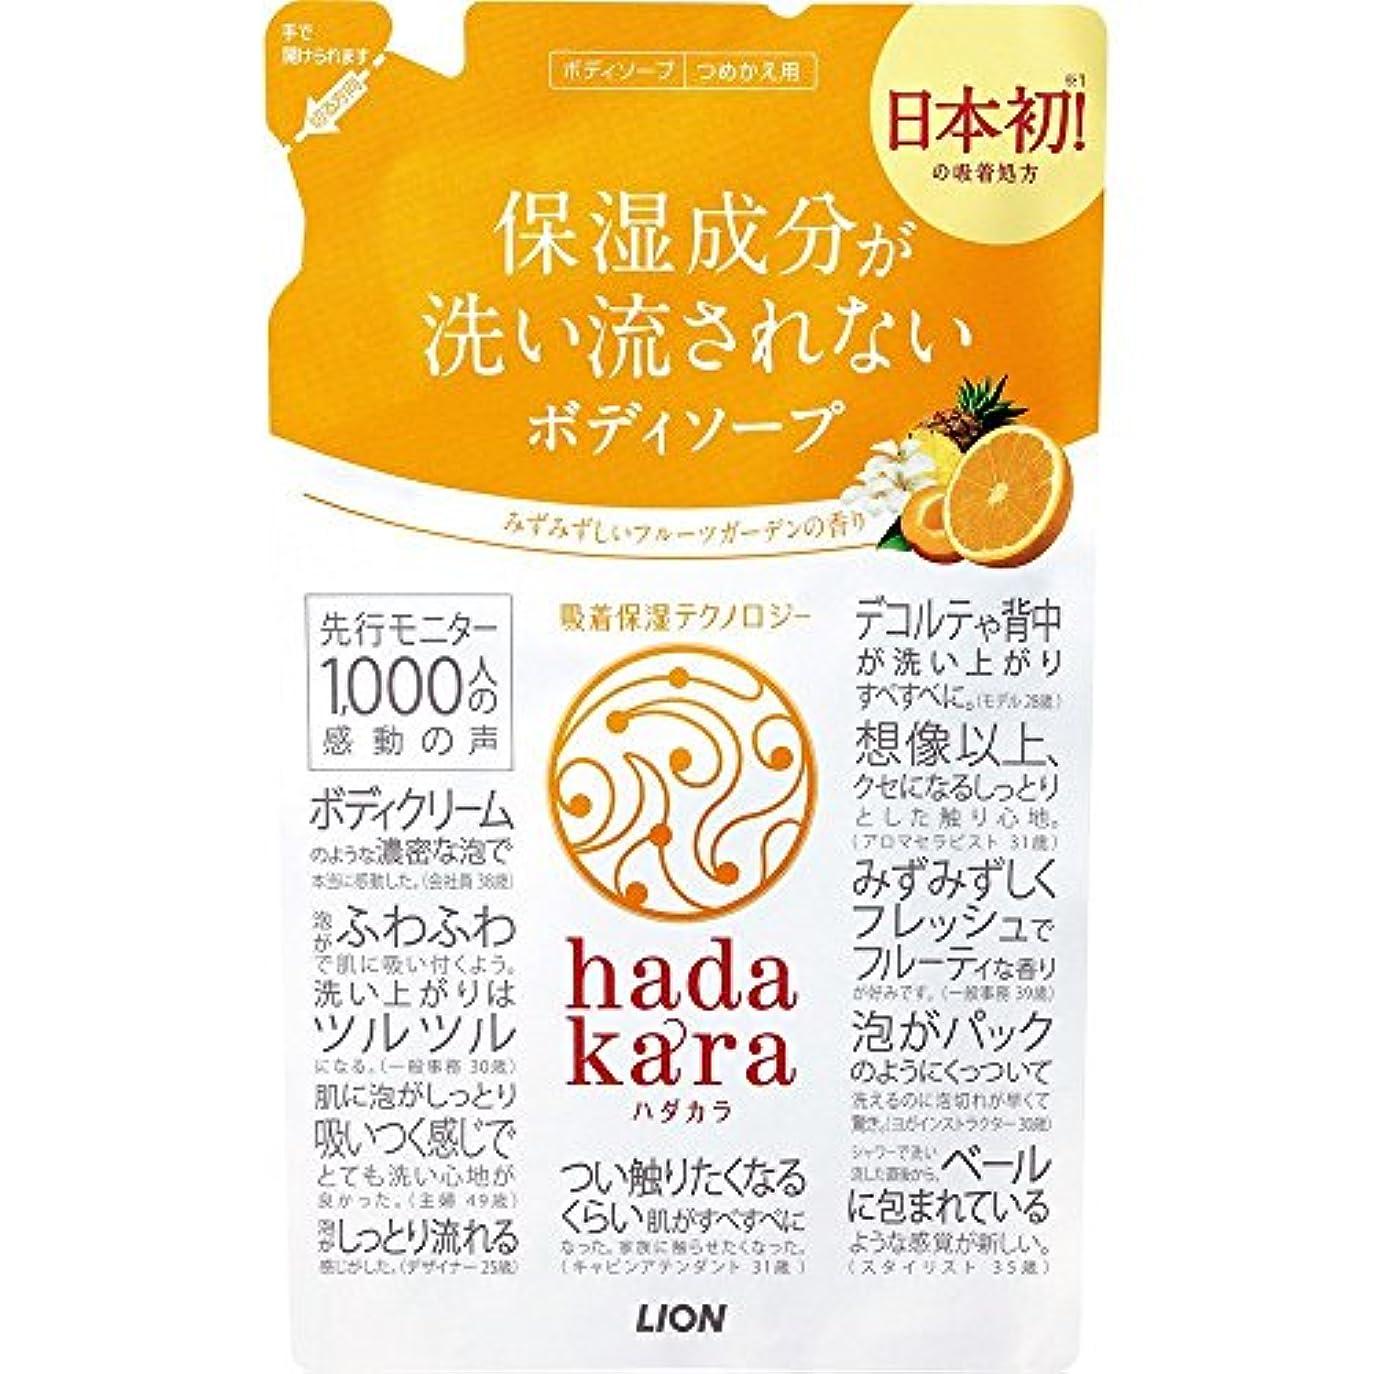 不適パック反対するhadakara(ハダカラ) ボディソープ フルーツガーデンの香り 詰め替え 360ml